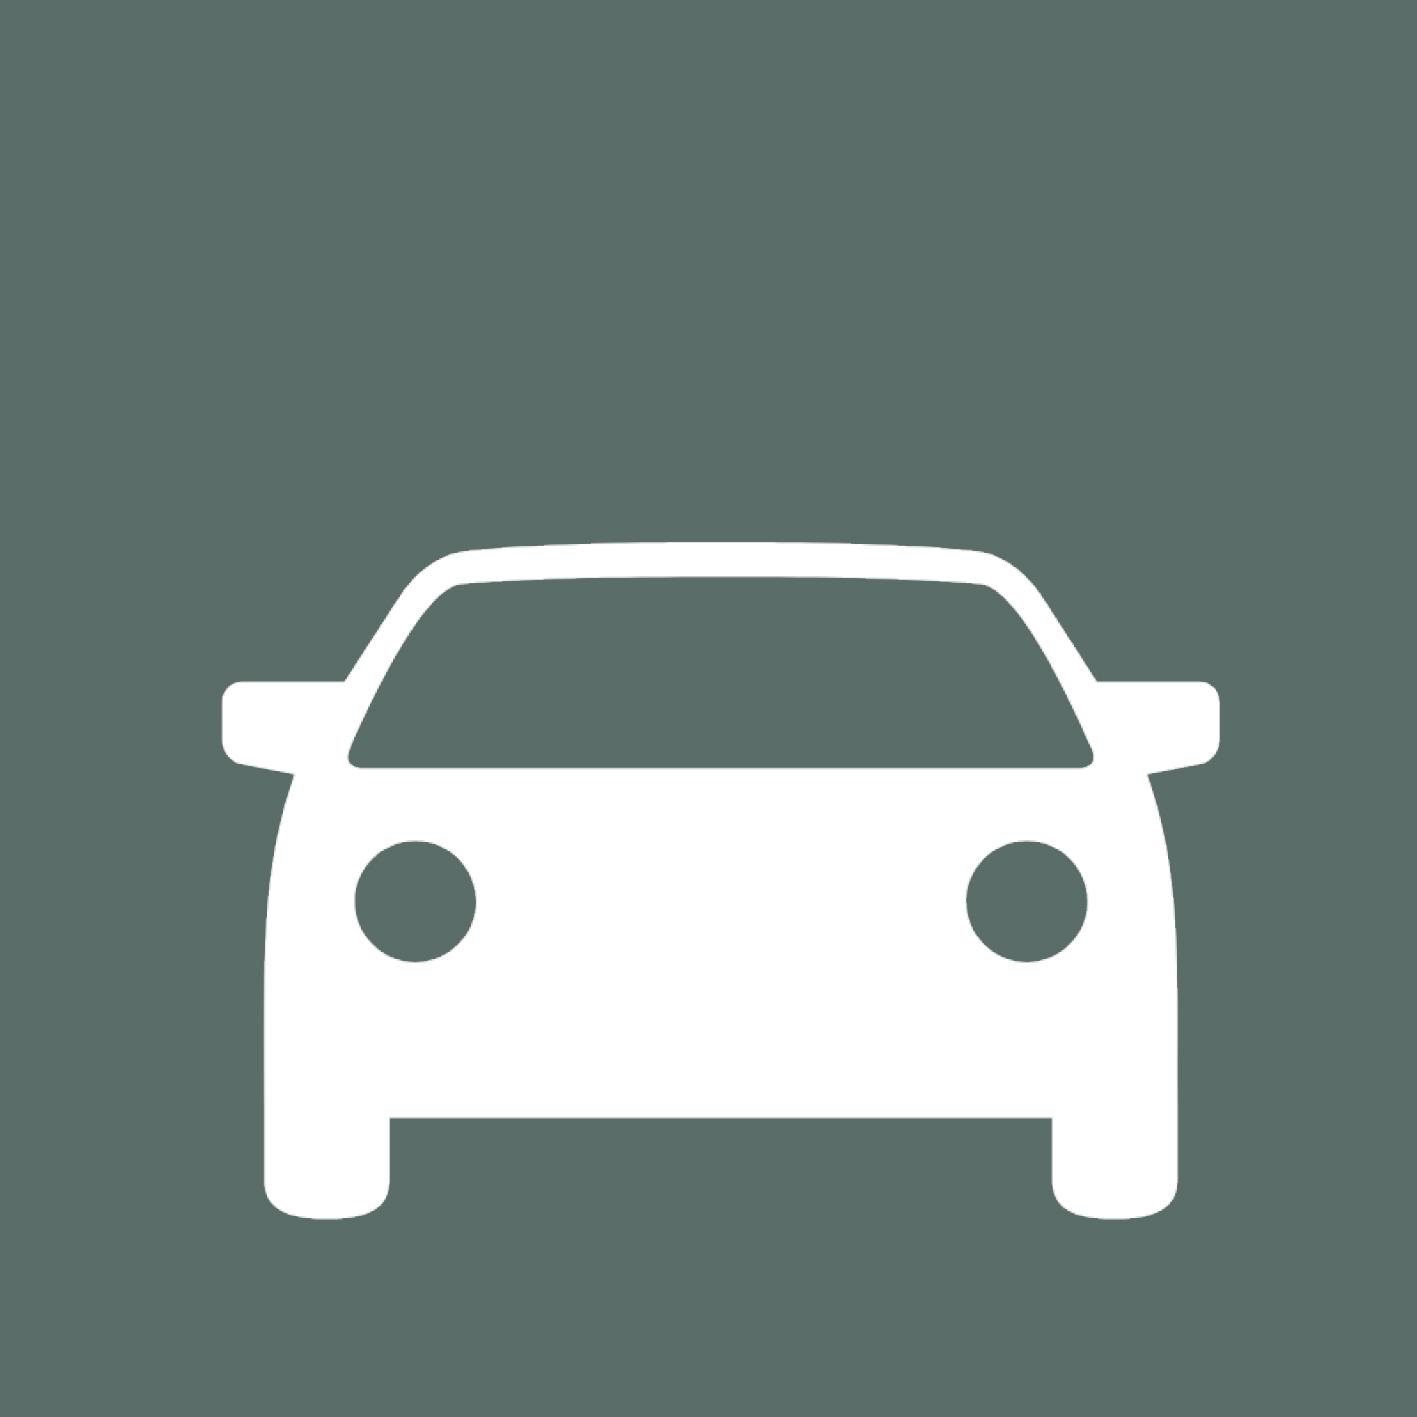 icoon auto